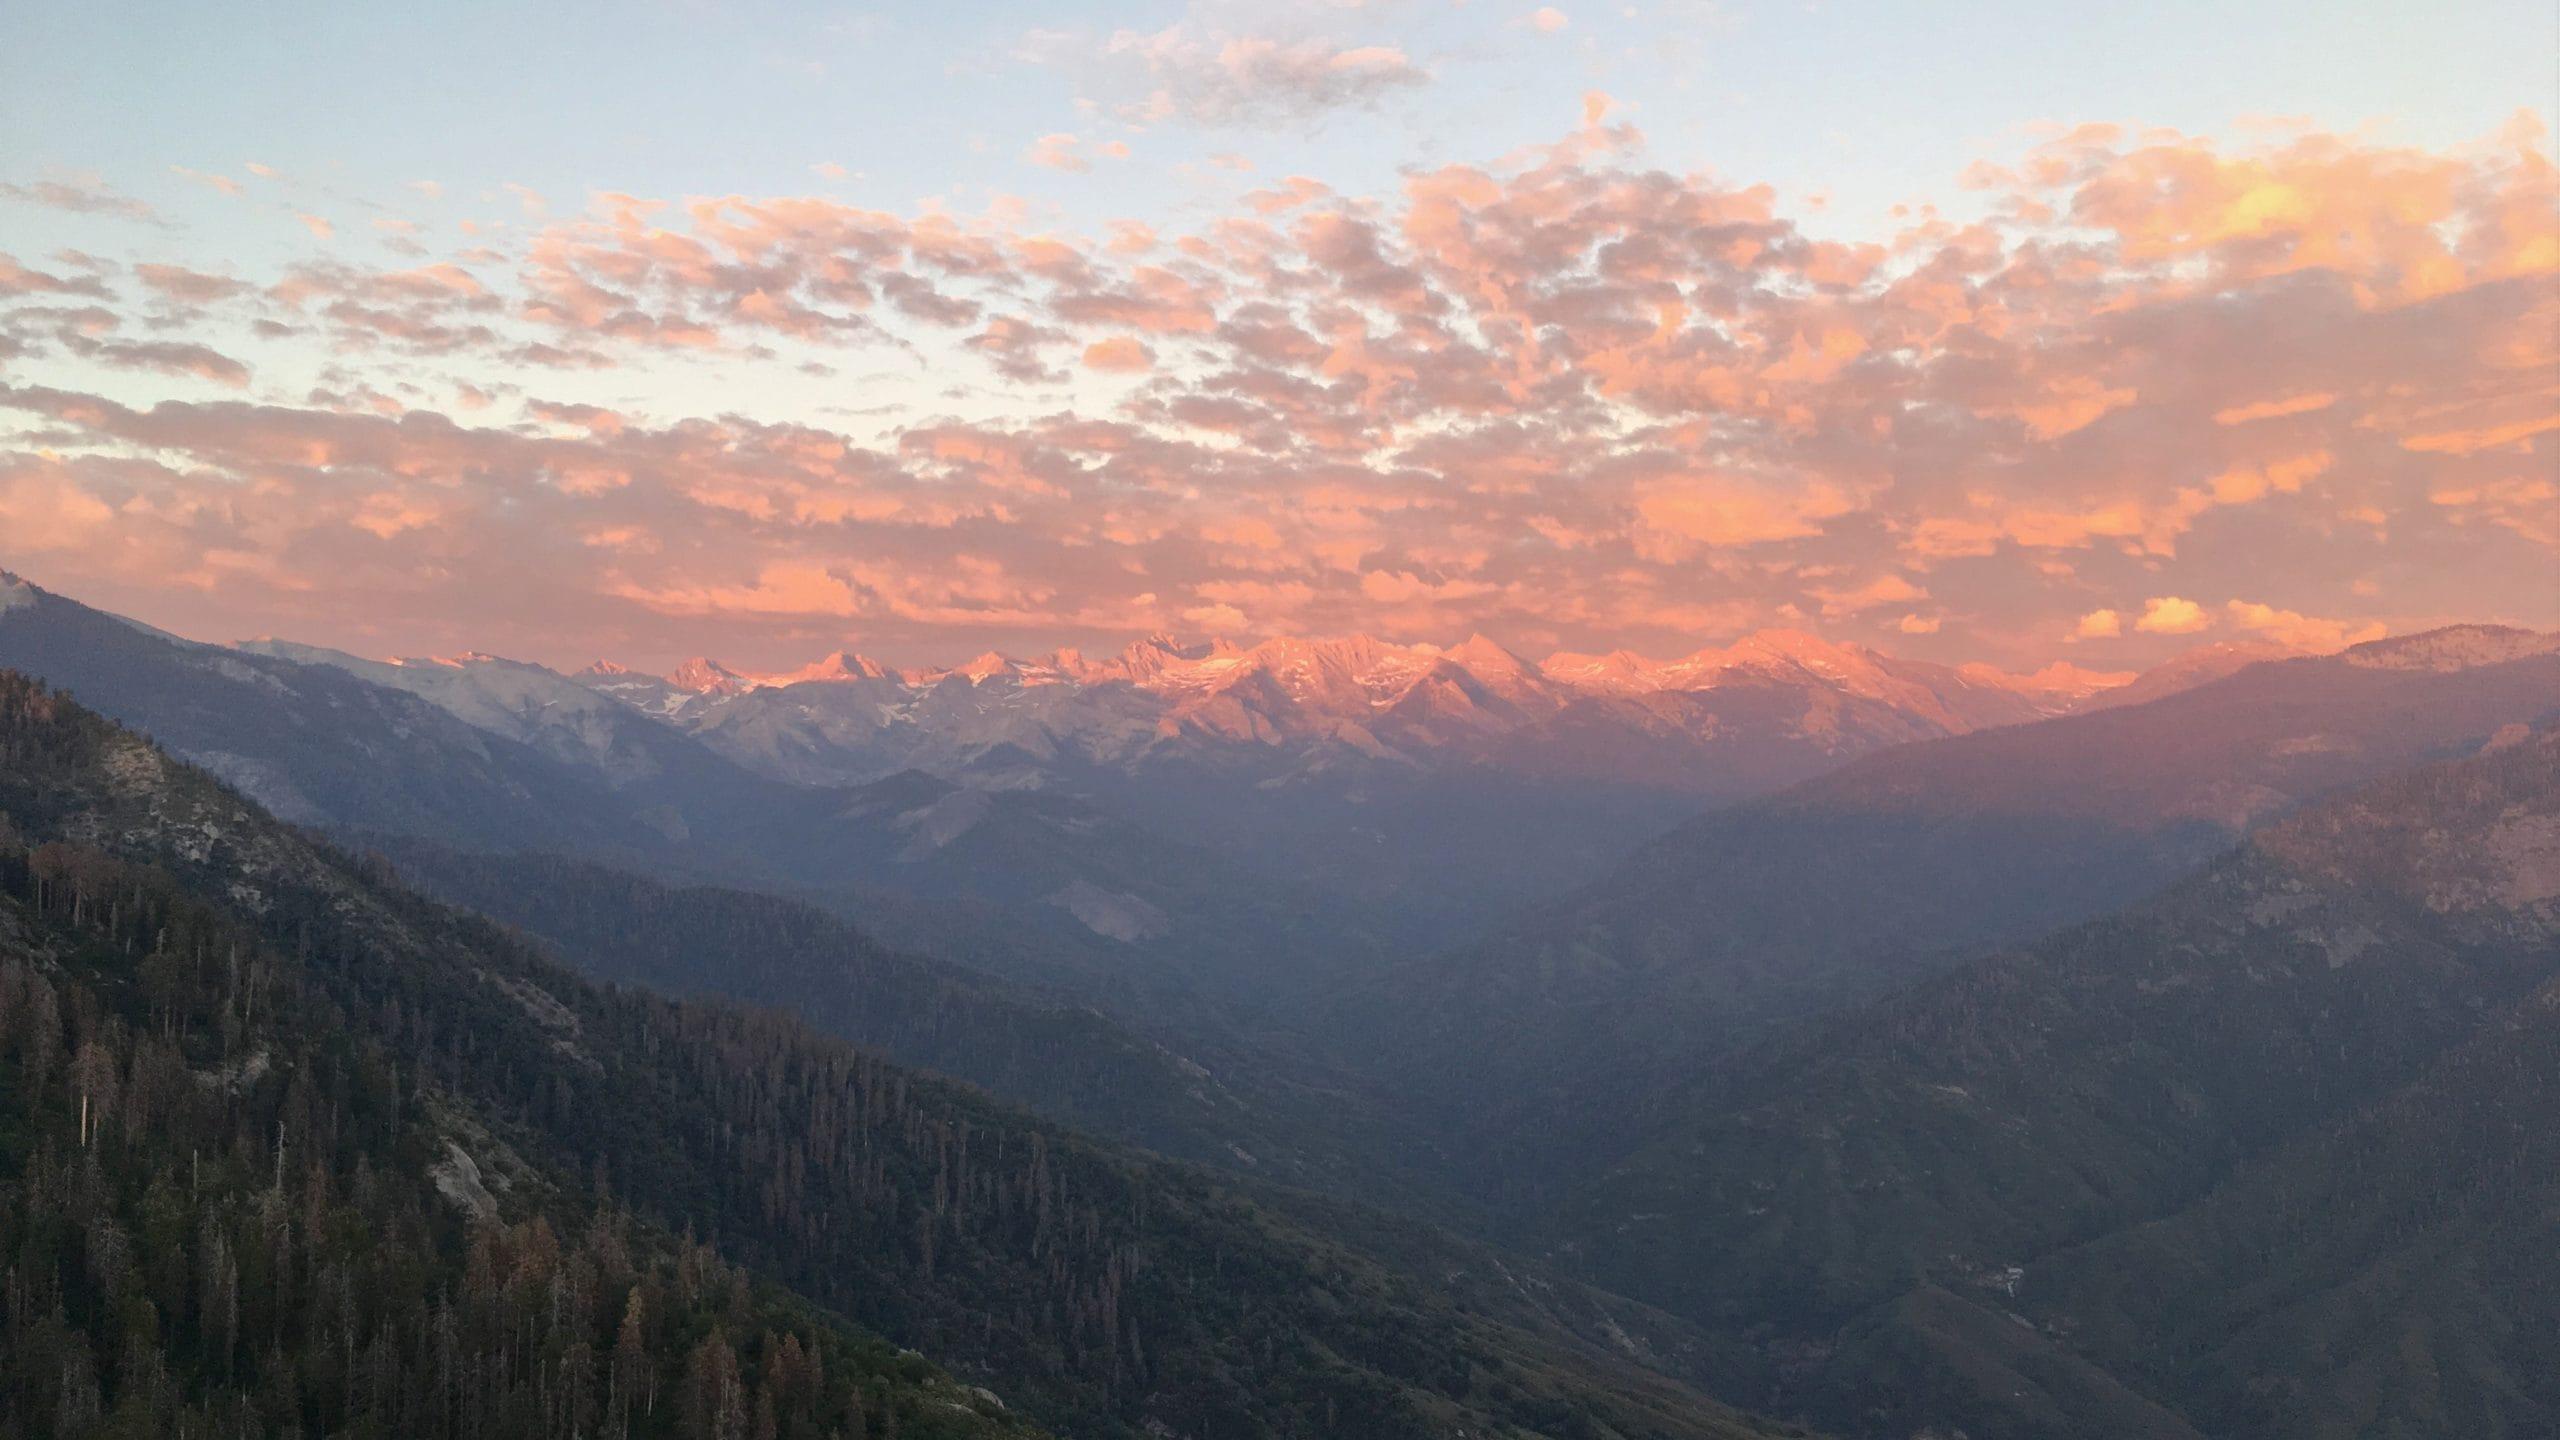 Sequoia National Park in California.